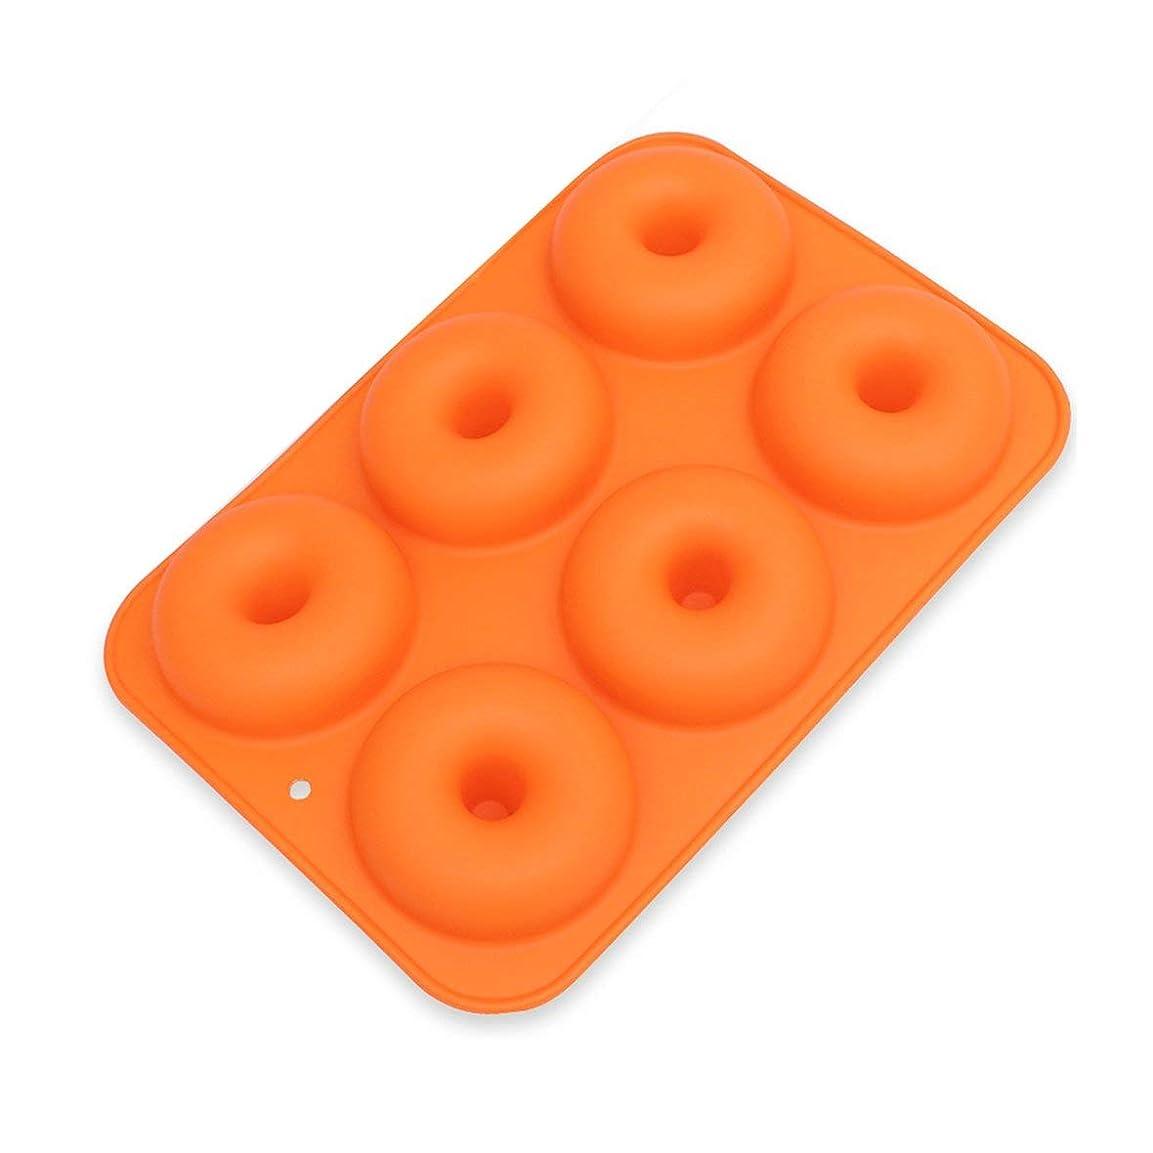 シート抵抗相対サイズTivollyff ケーキスナックを無毒にするシリコーンドーナツ型のシリコーンケーキ型